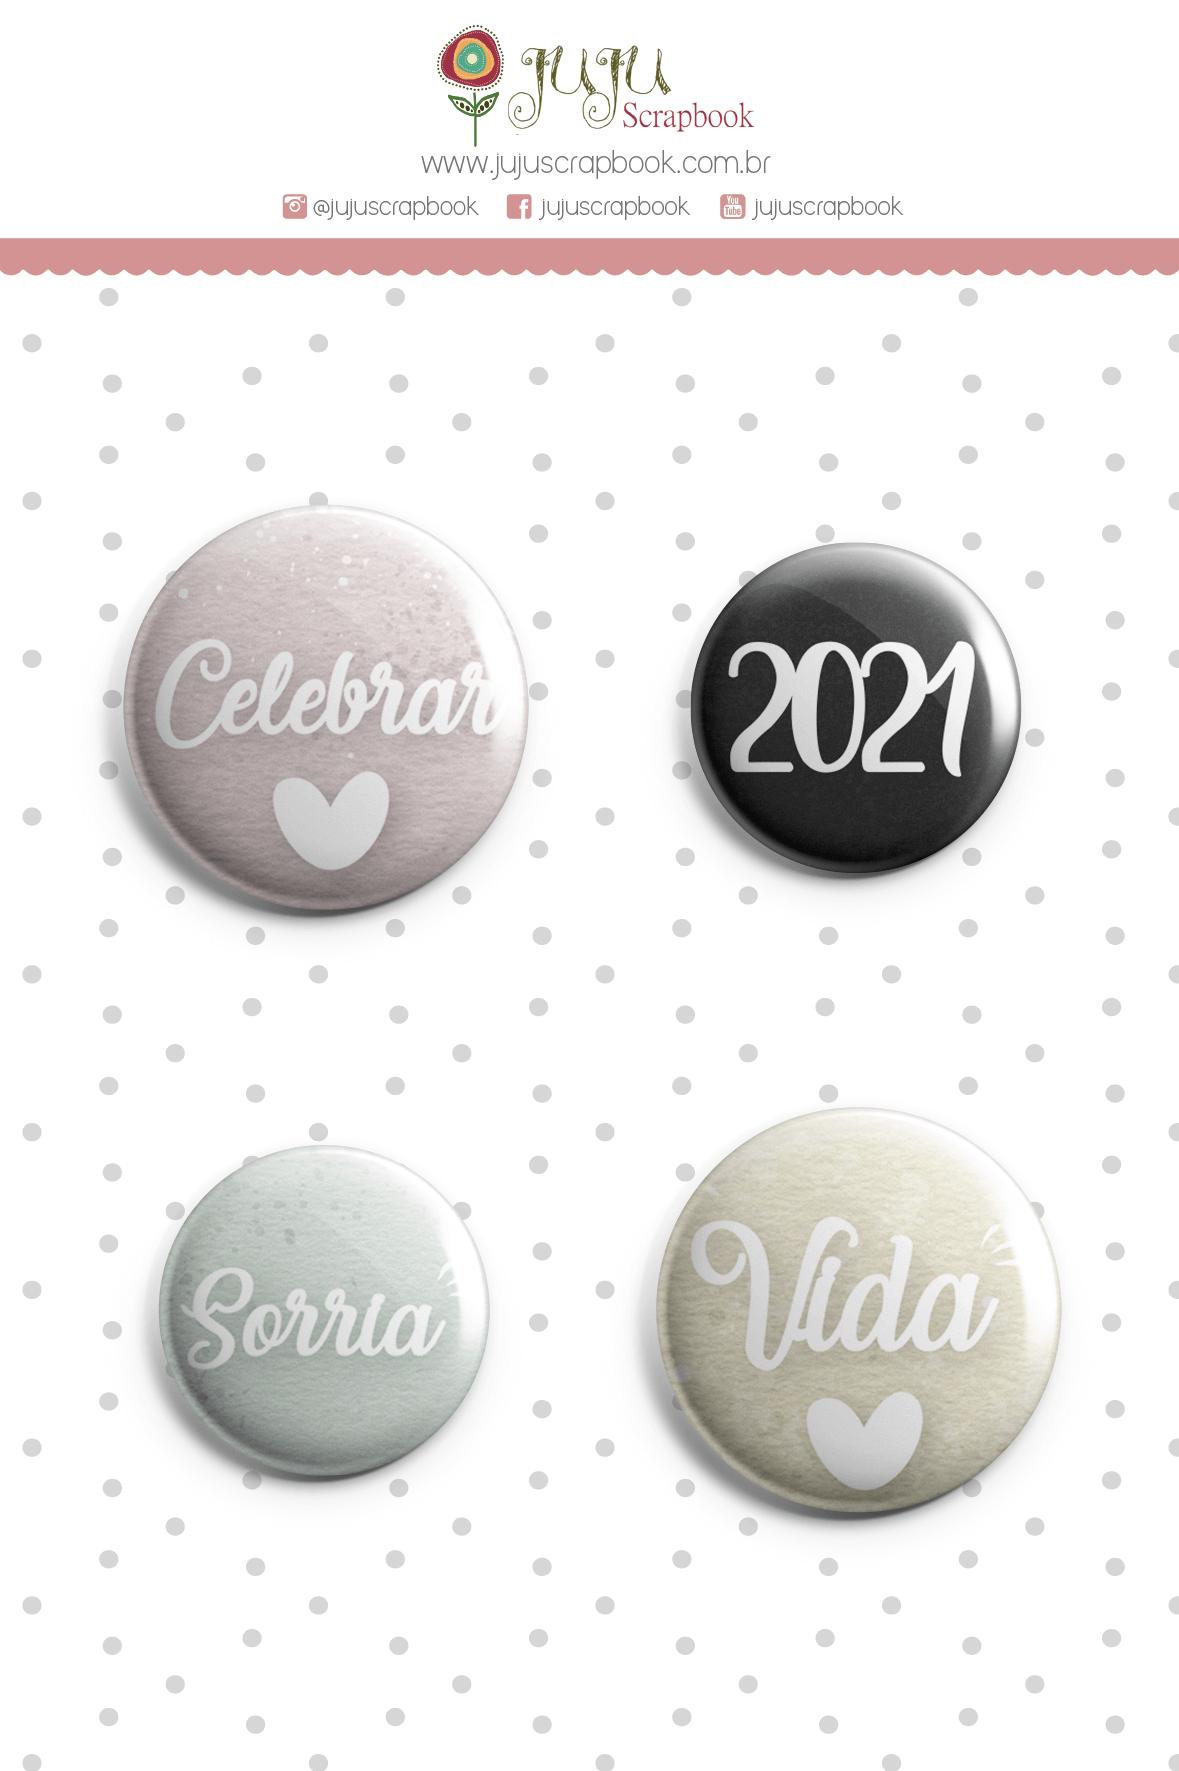 Enfeite Botton Sorria 2021 - Coleção Toda Básica - JuJu Scrapbook  - JuJu Scrapbook